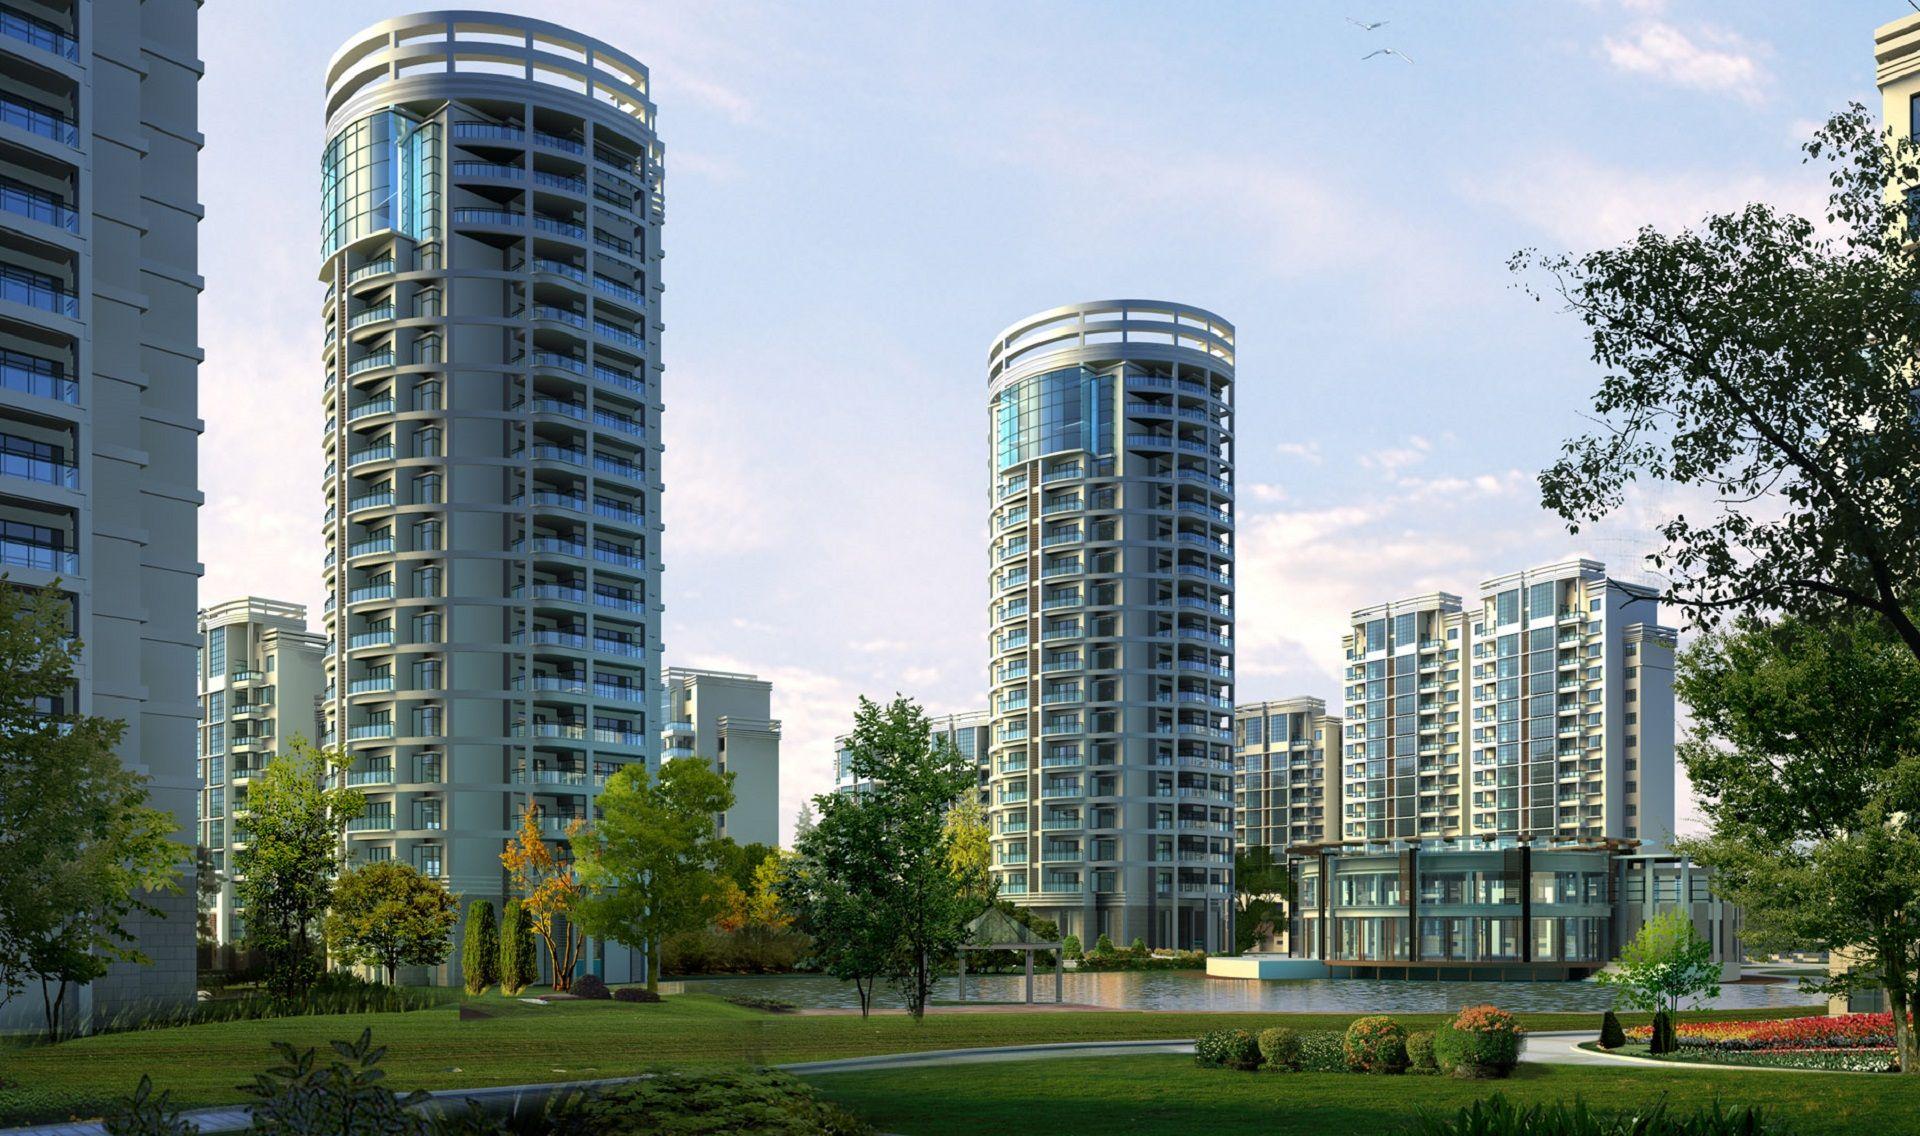 Ext apartment buildings large episodeinteractive